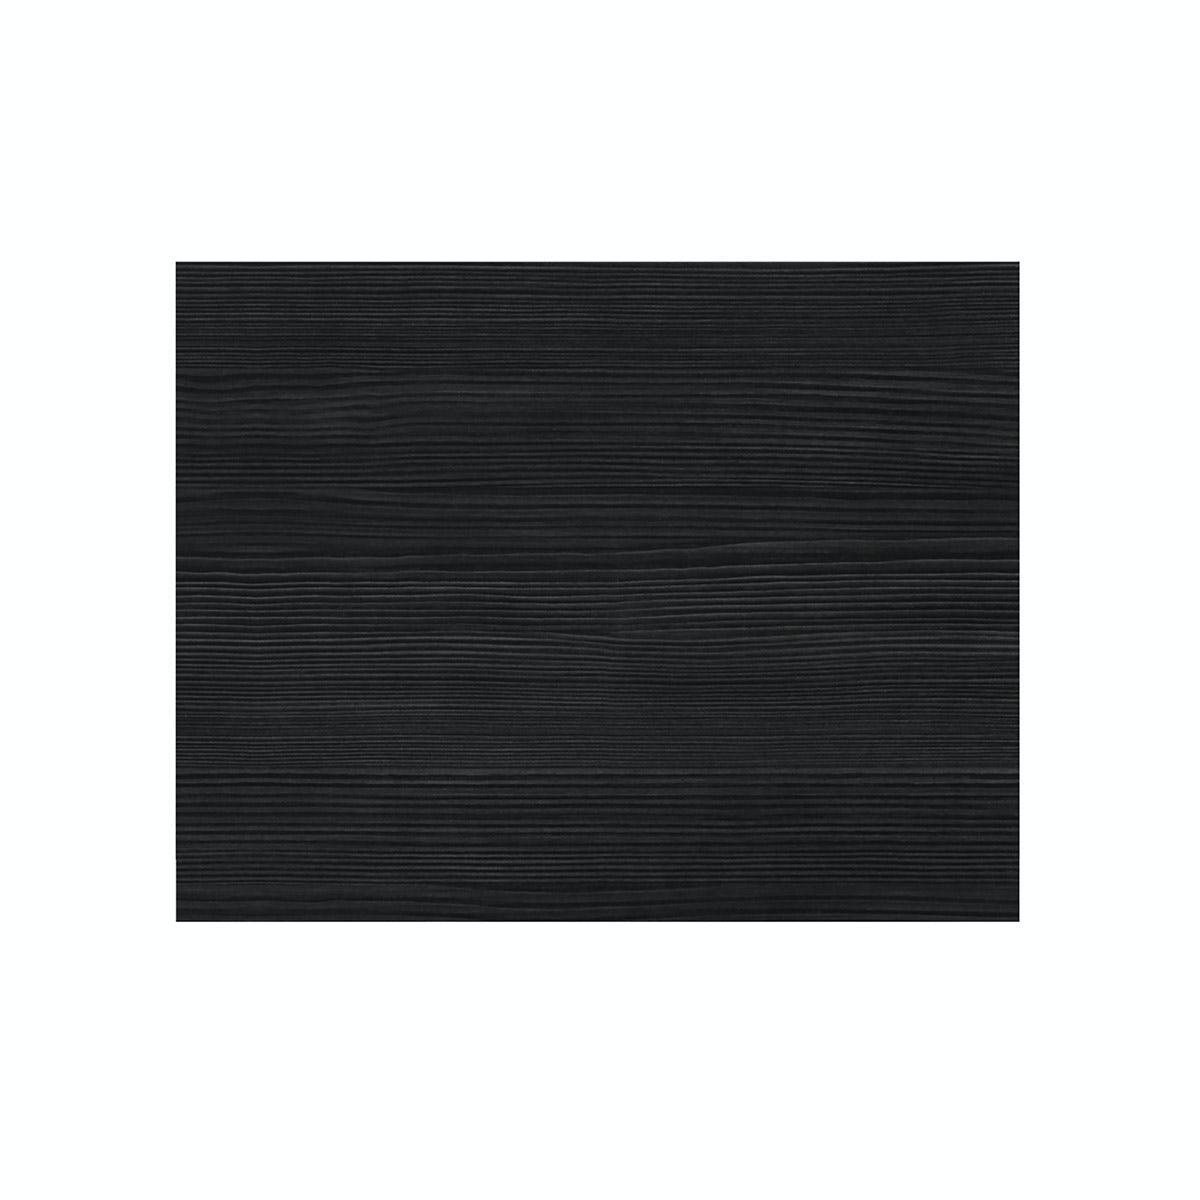 Wye essen bath end panel 680mm